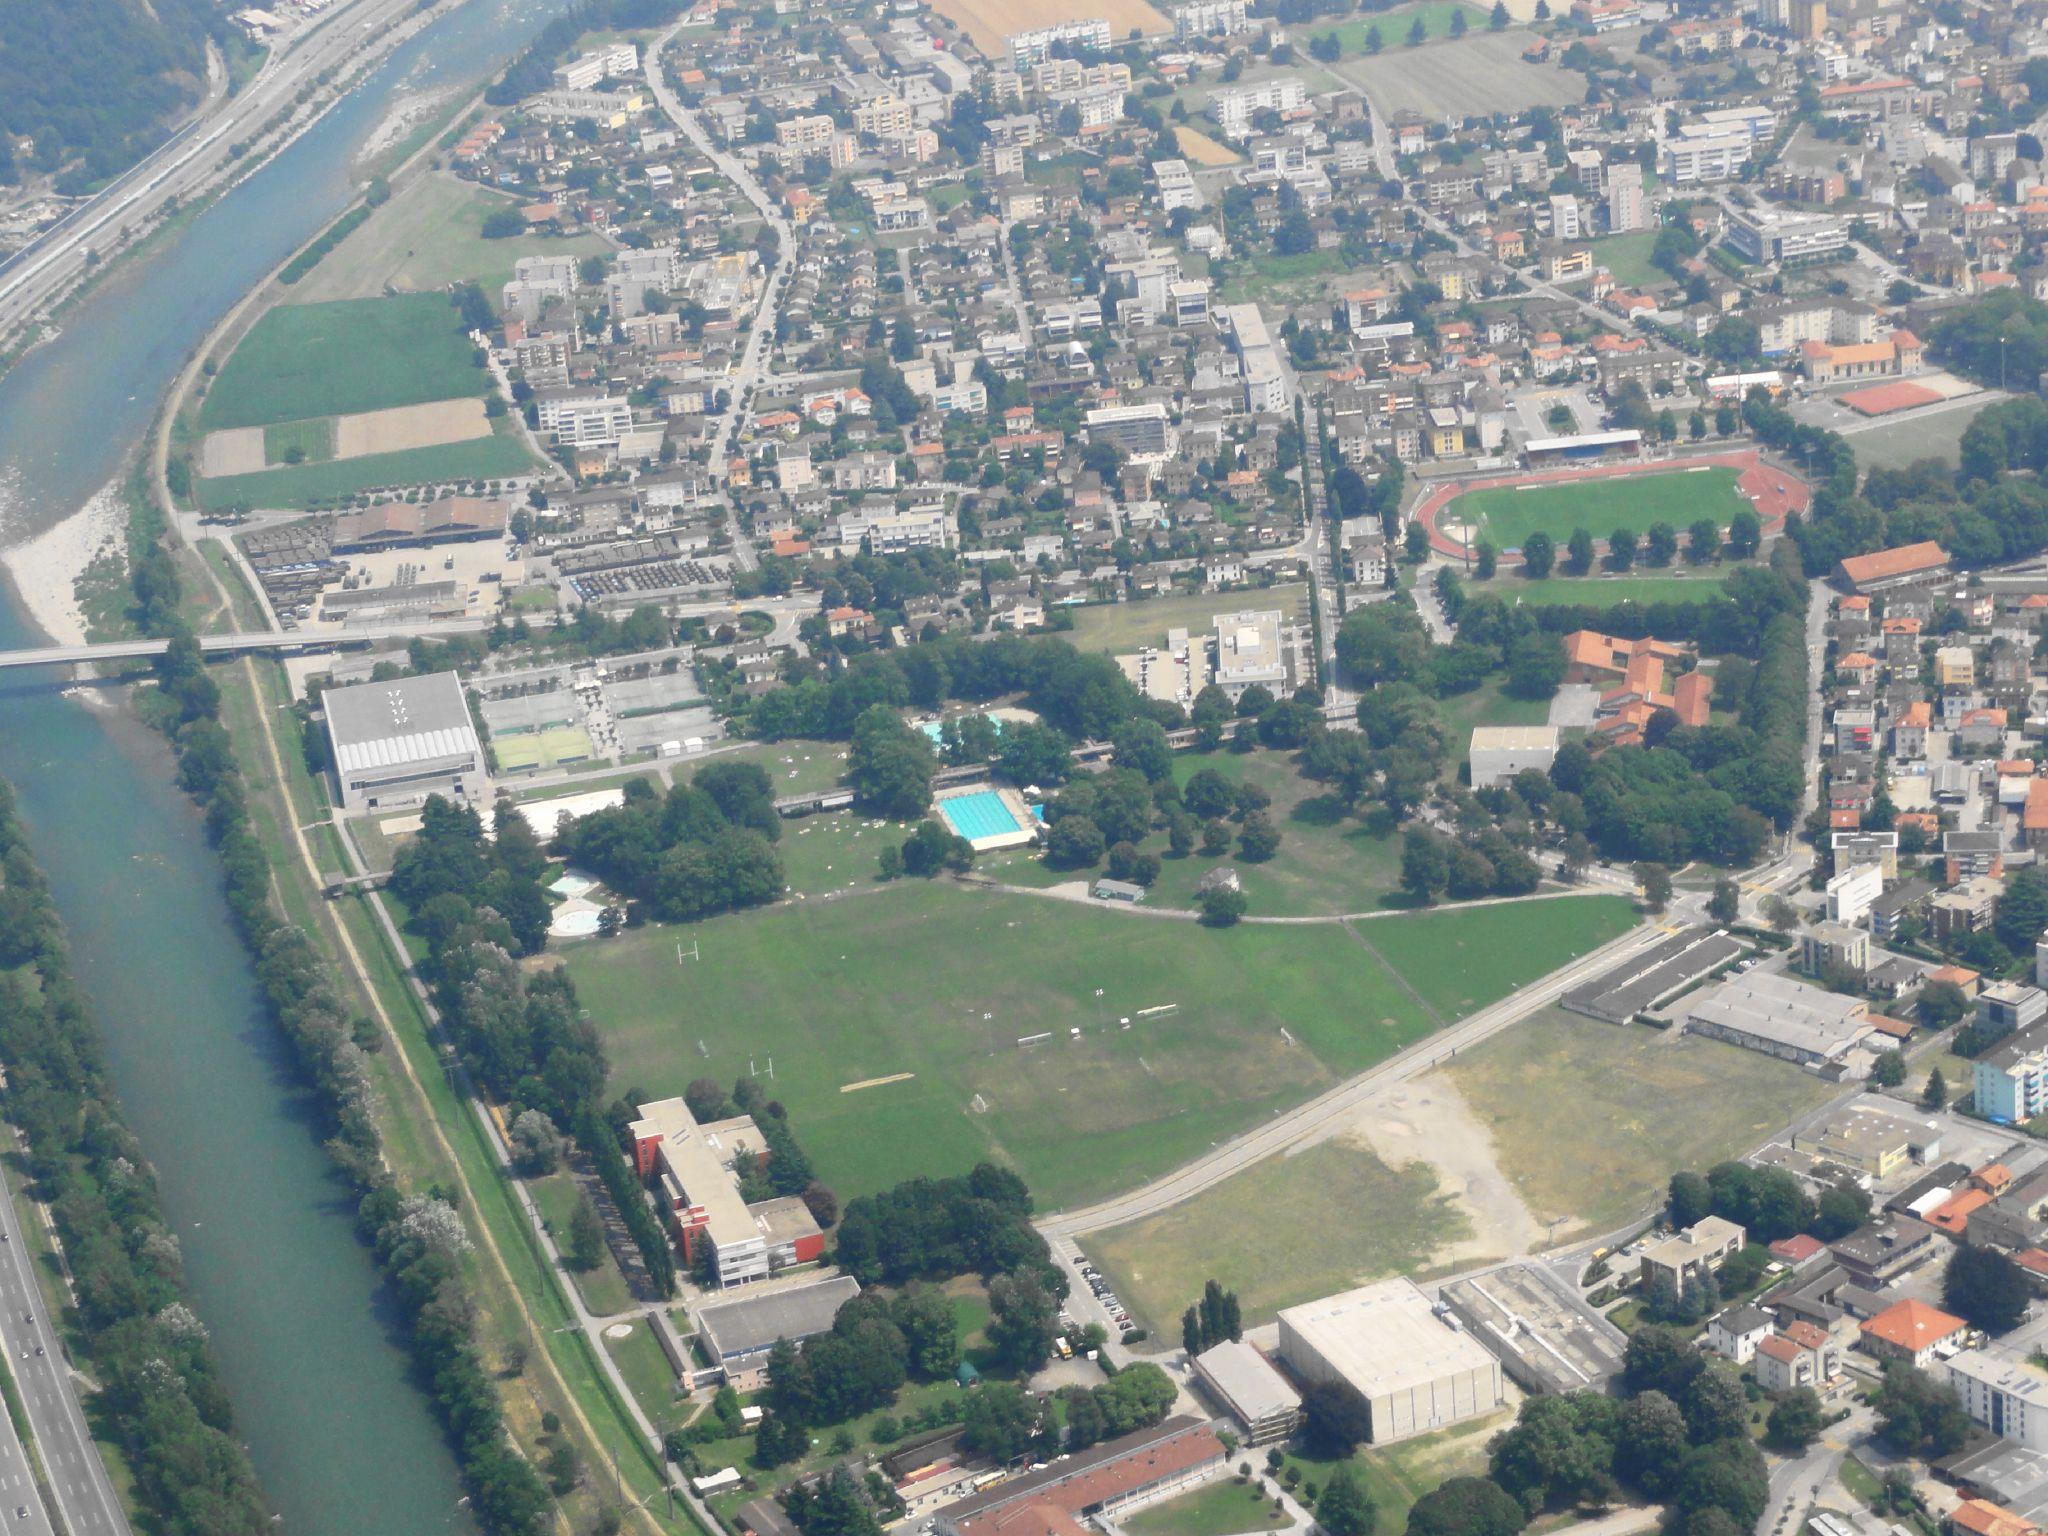 Sementina City